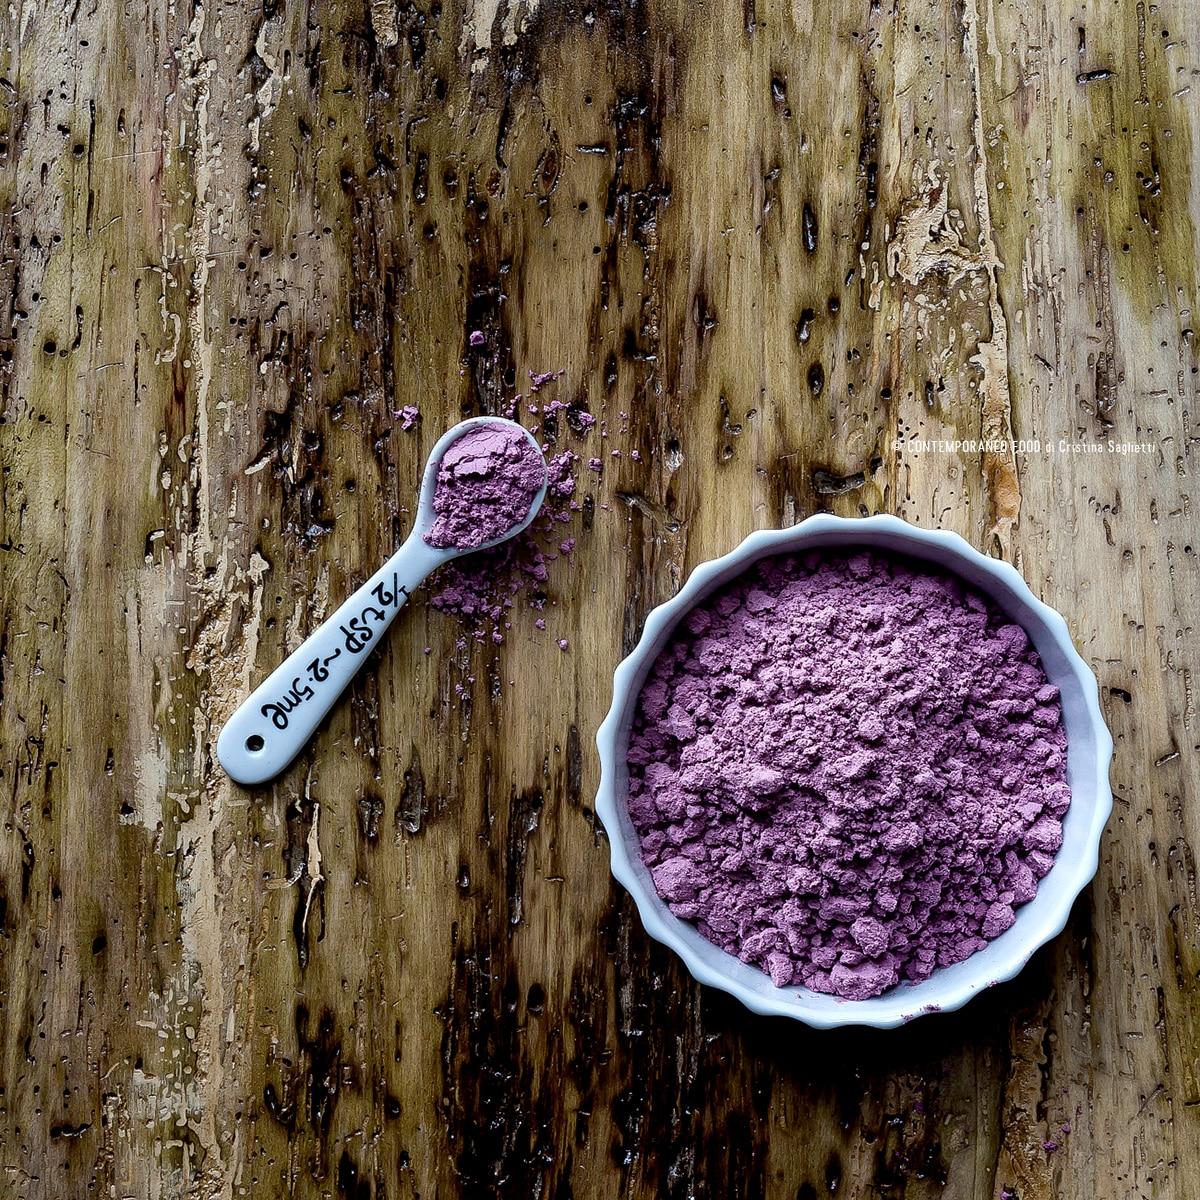 materie-prime-polvere-bacche-di-acai-benefici-proprietà-1-contemporaneo-food-healthy-food